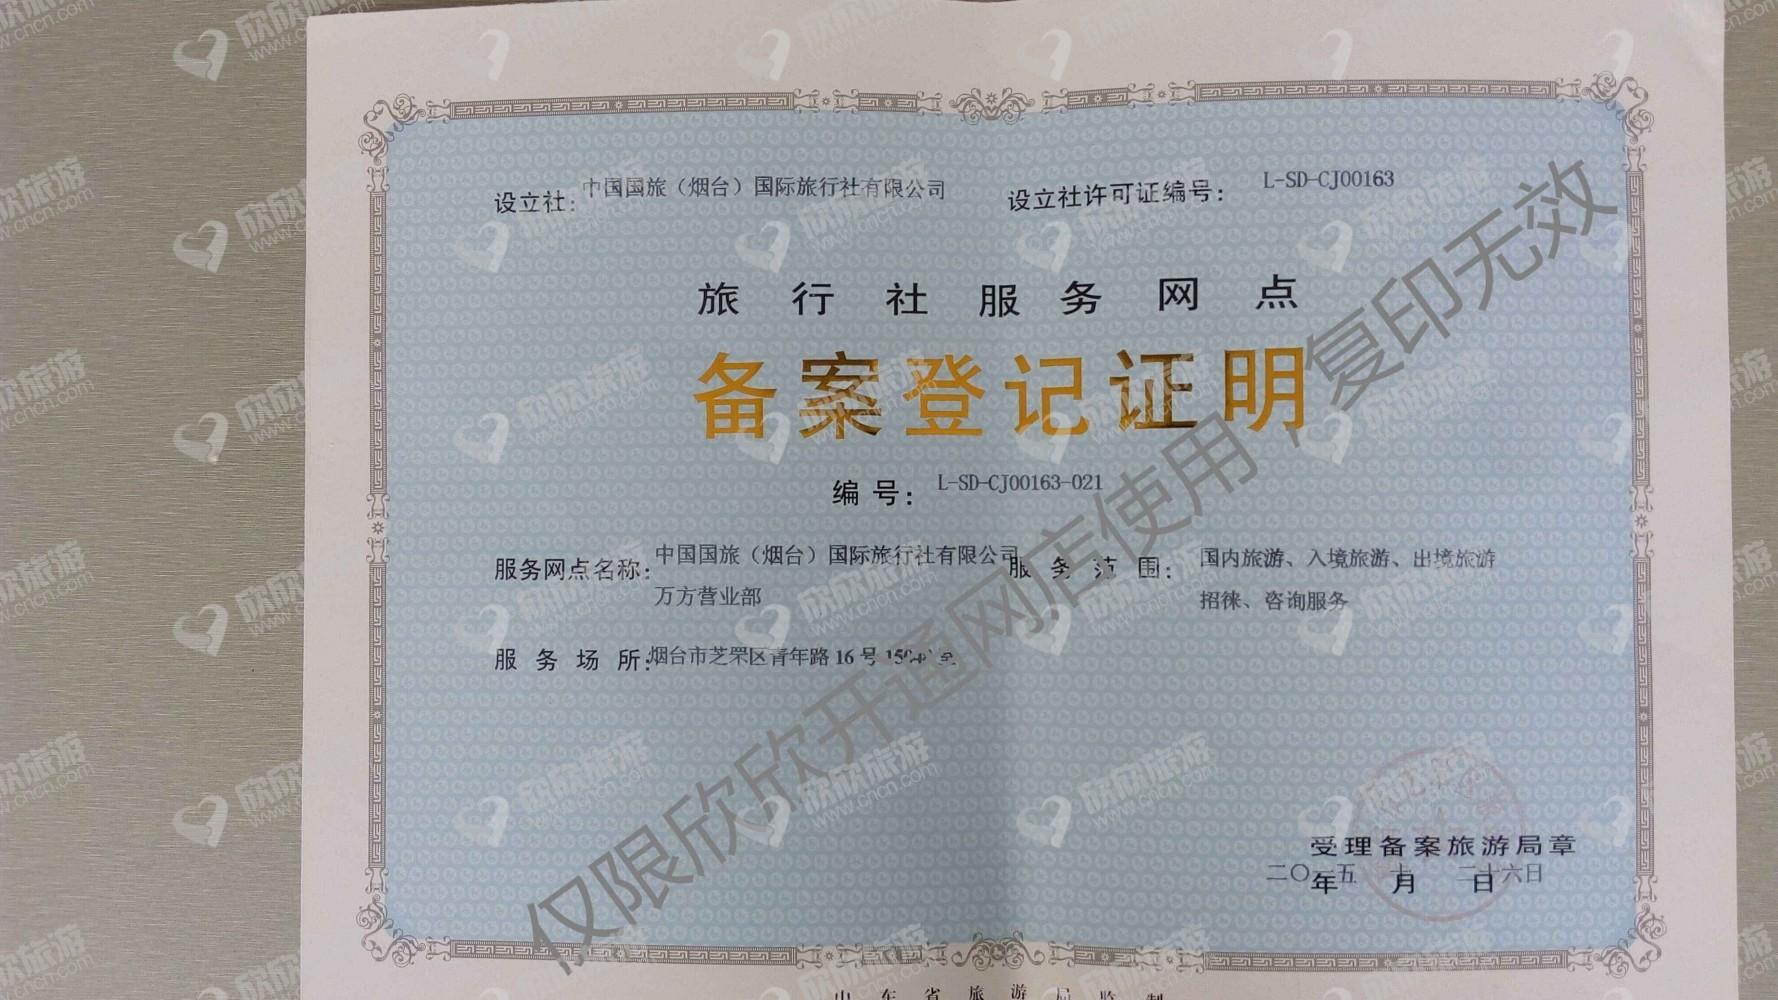 中国国旅(烟台)国际旅行社有限公司万方营业部经营许可证